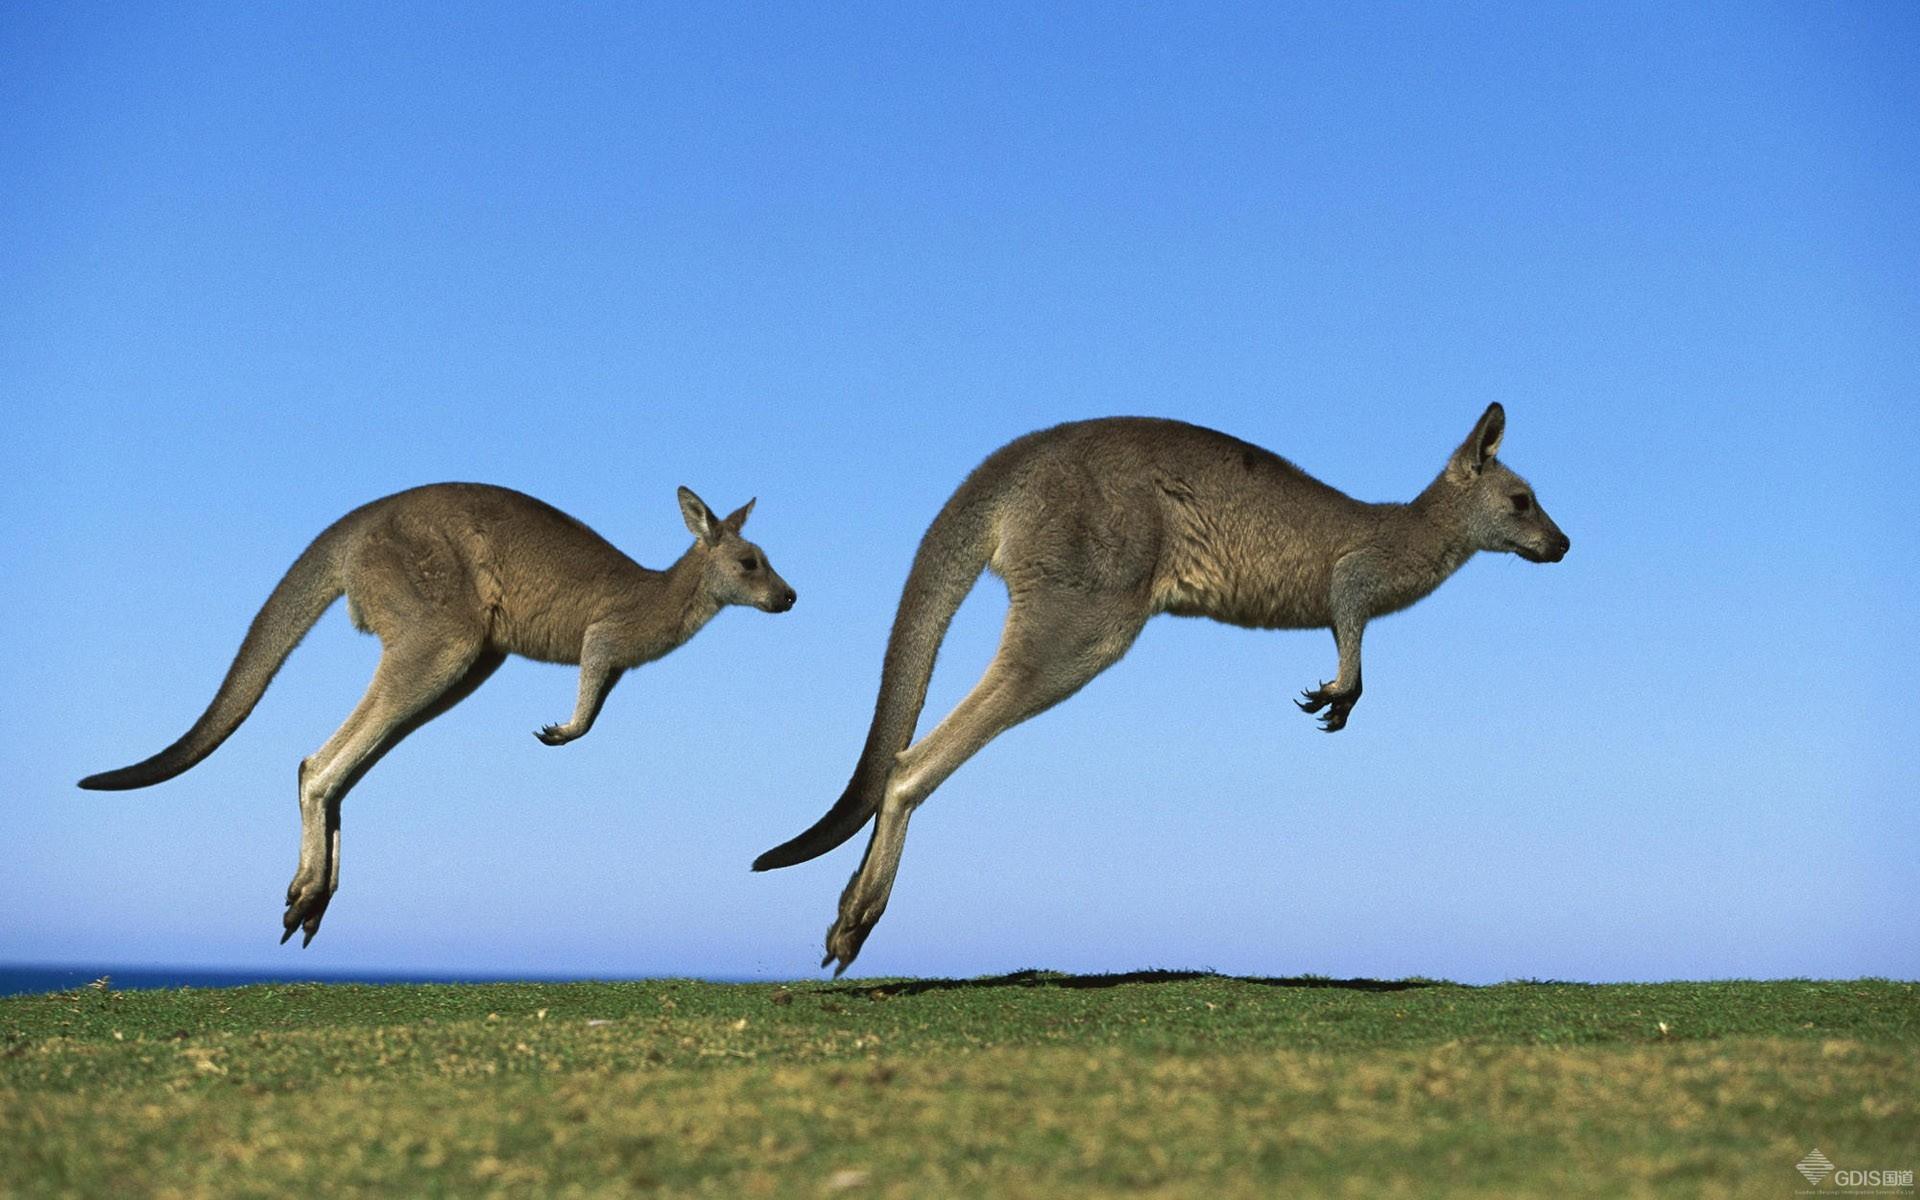 澳洲海淘官网哪个好?澳洲母婴类网站大全推荐